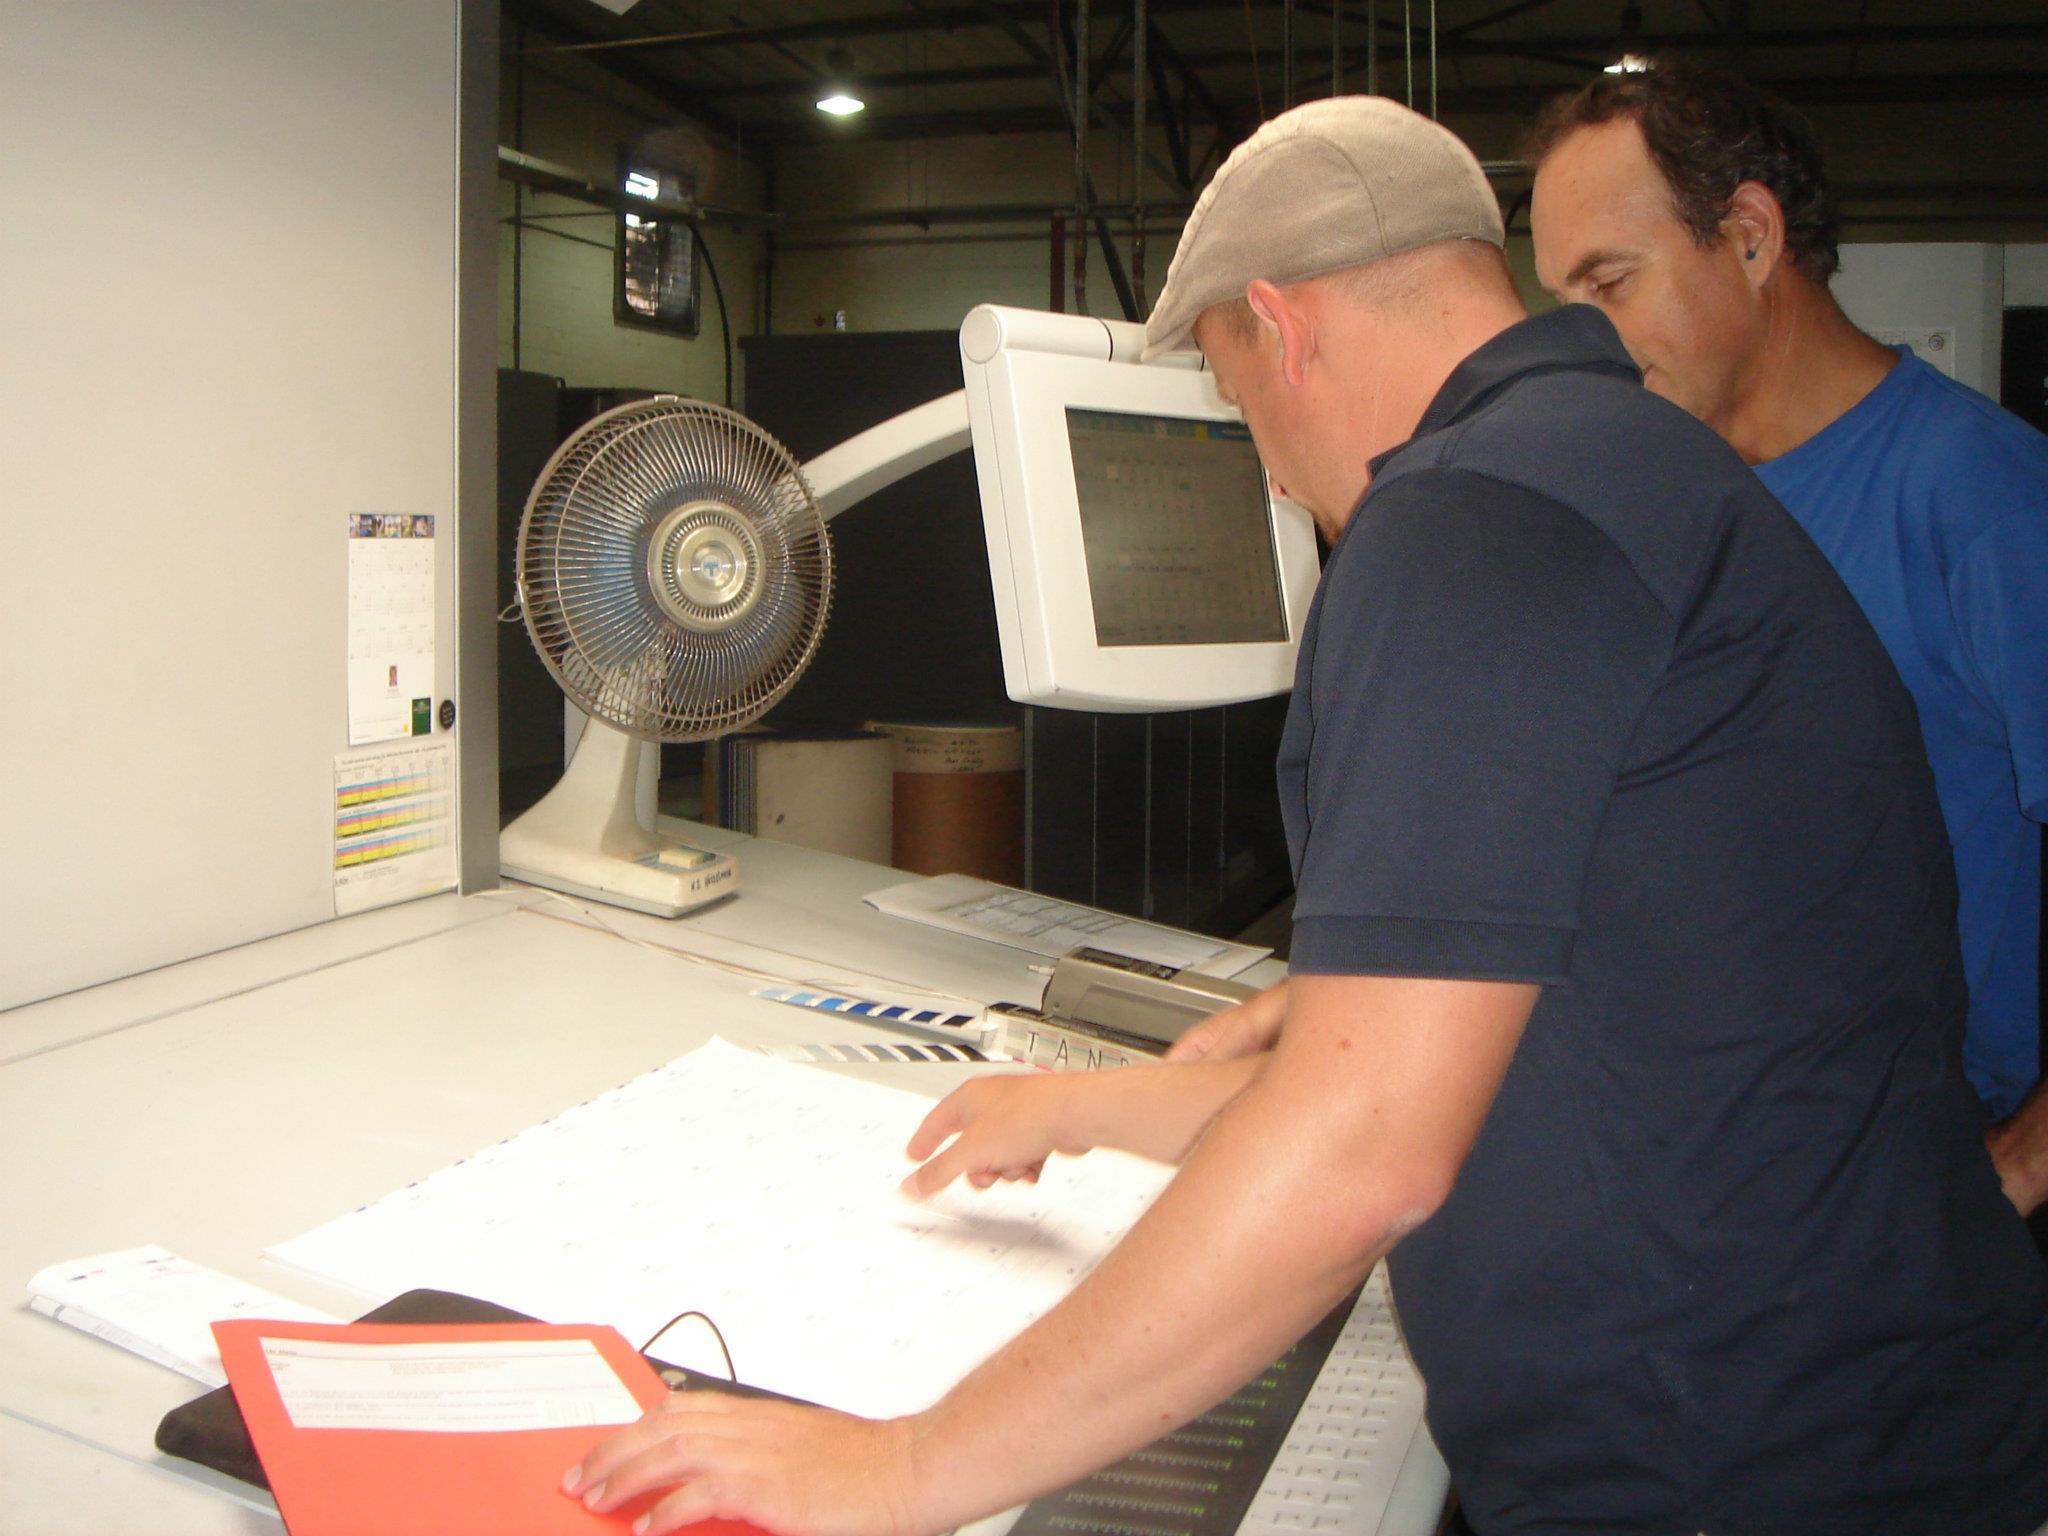 Lindt & Sprüngli - persönliche Druck-Kontrolle beim Drucker